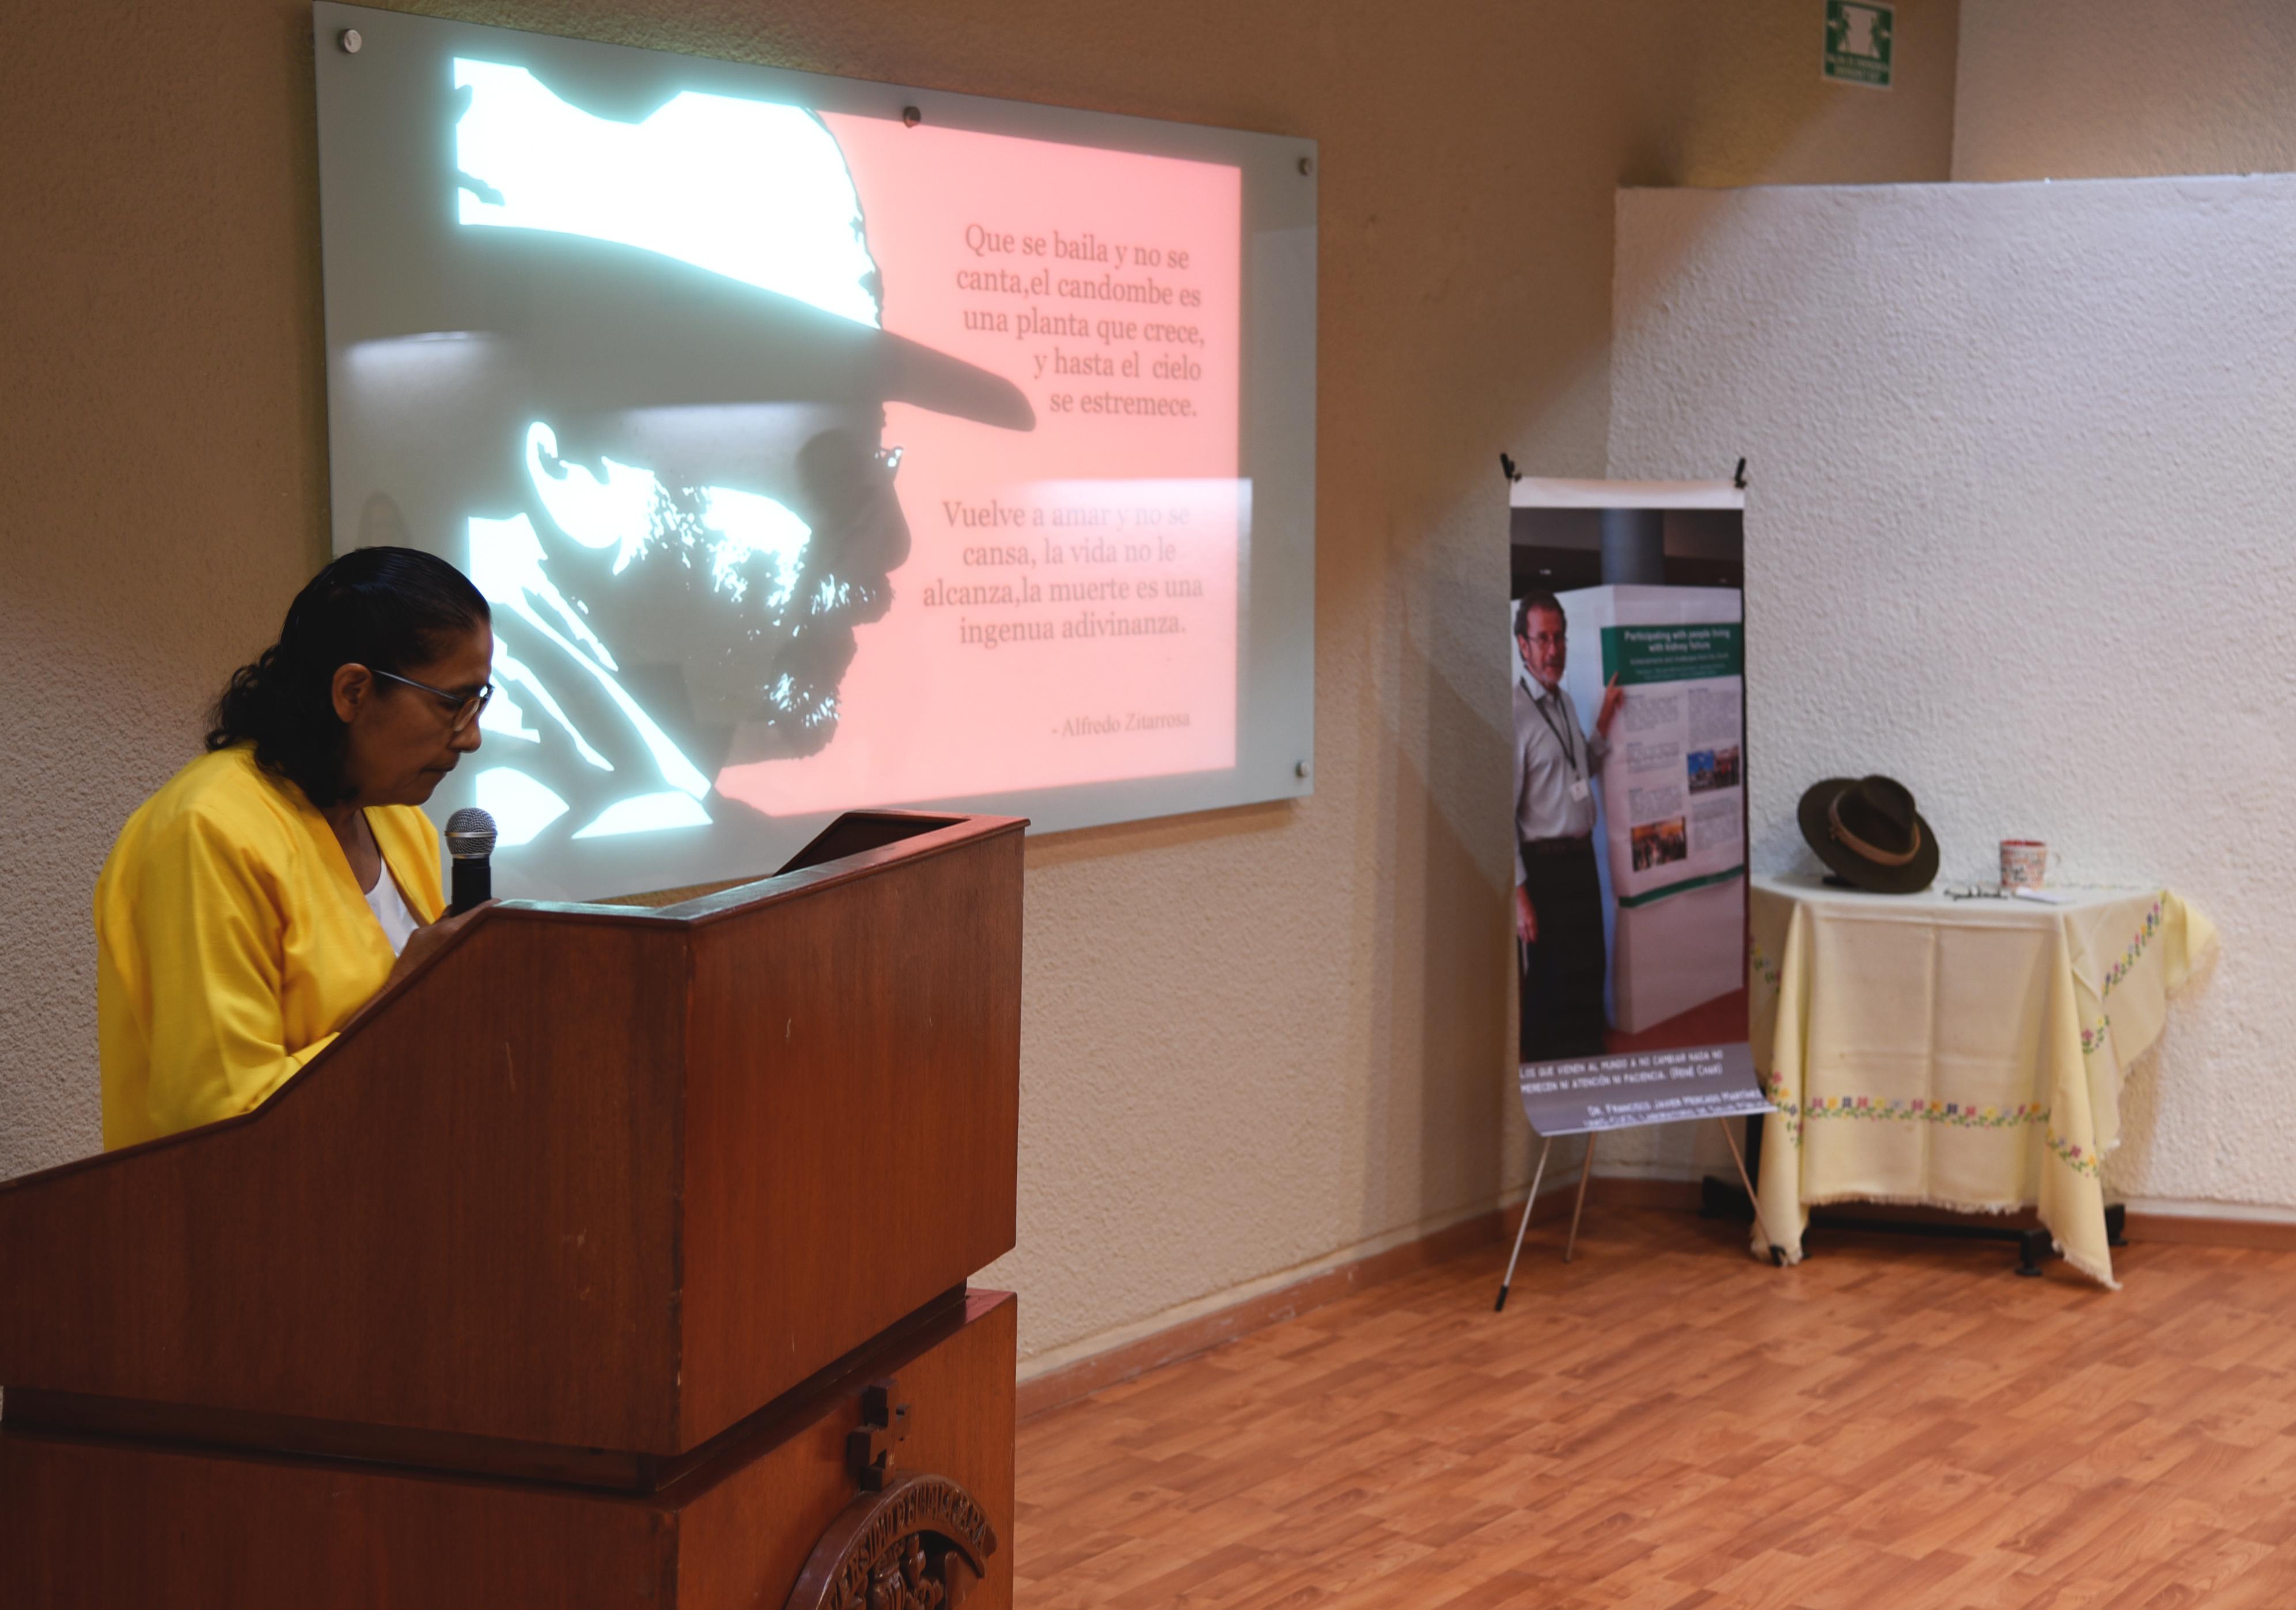 Dra. Amparo Tapia en pódium. Al fondo foto de perfil y pertenencias del Dr. Mercado